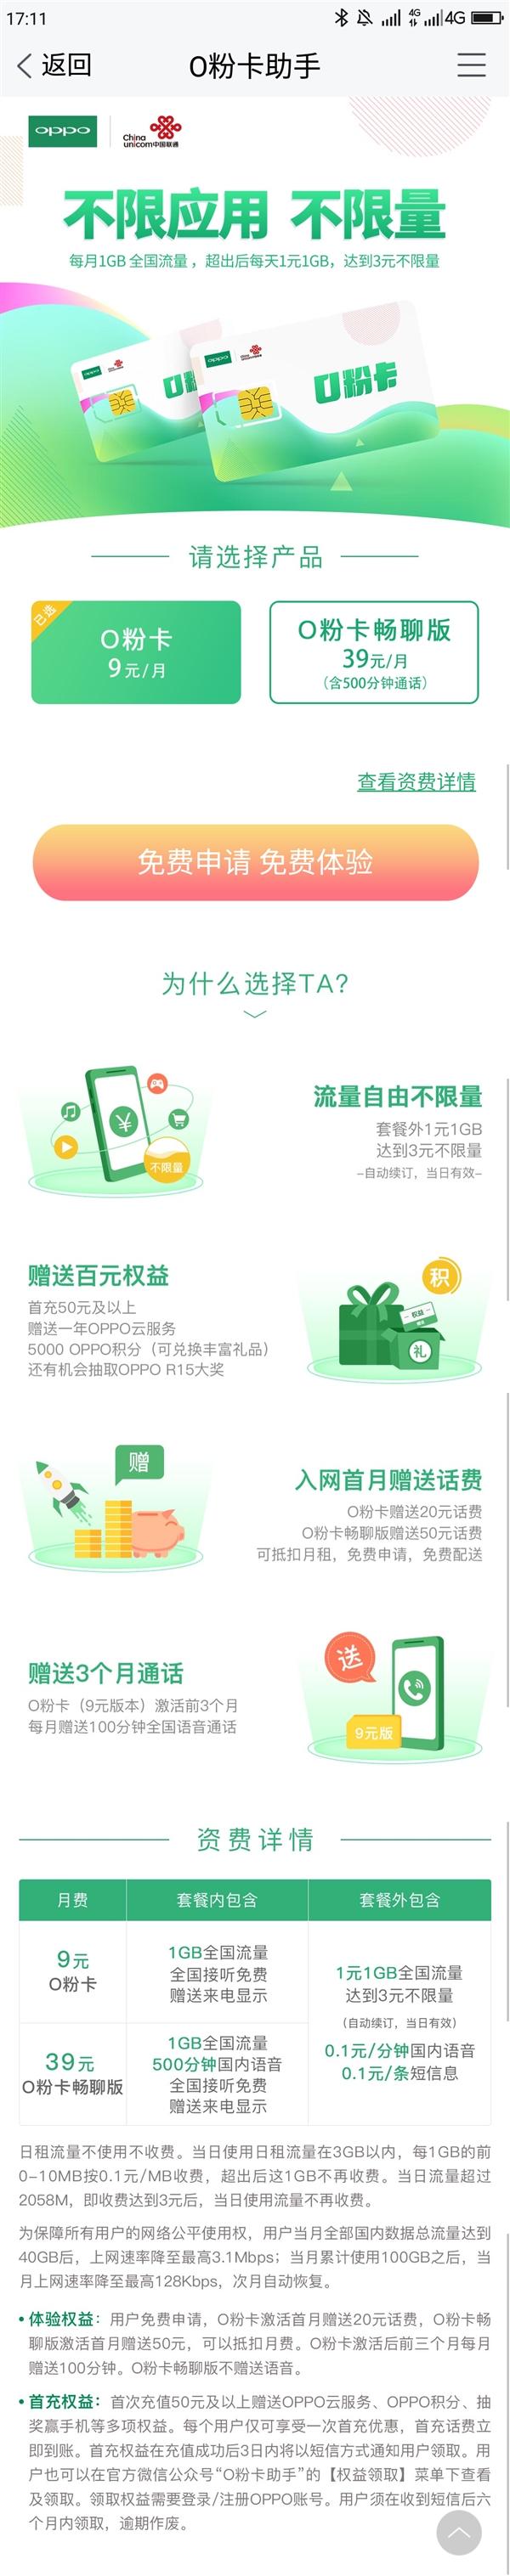 OPPO与中国联通推出O粉卡:月租9元起